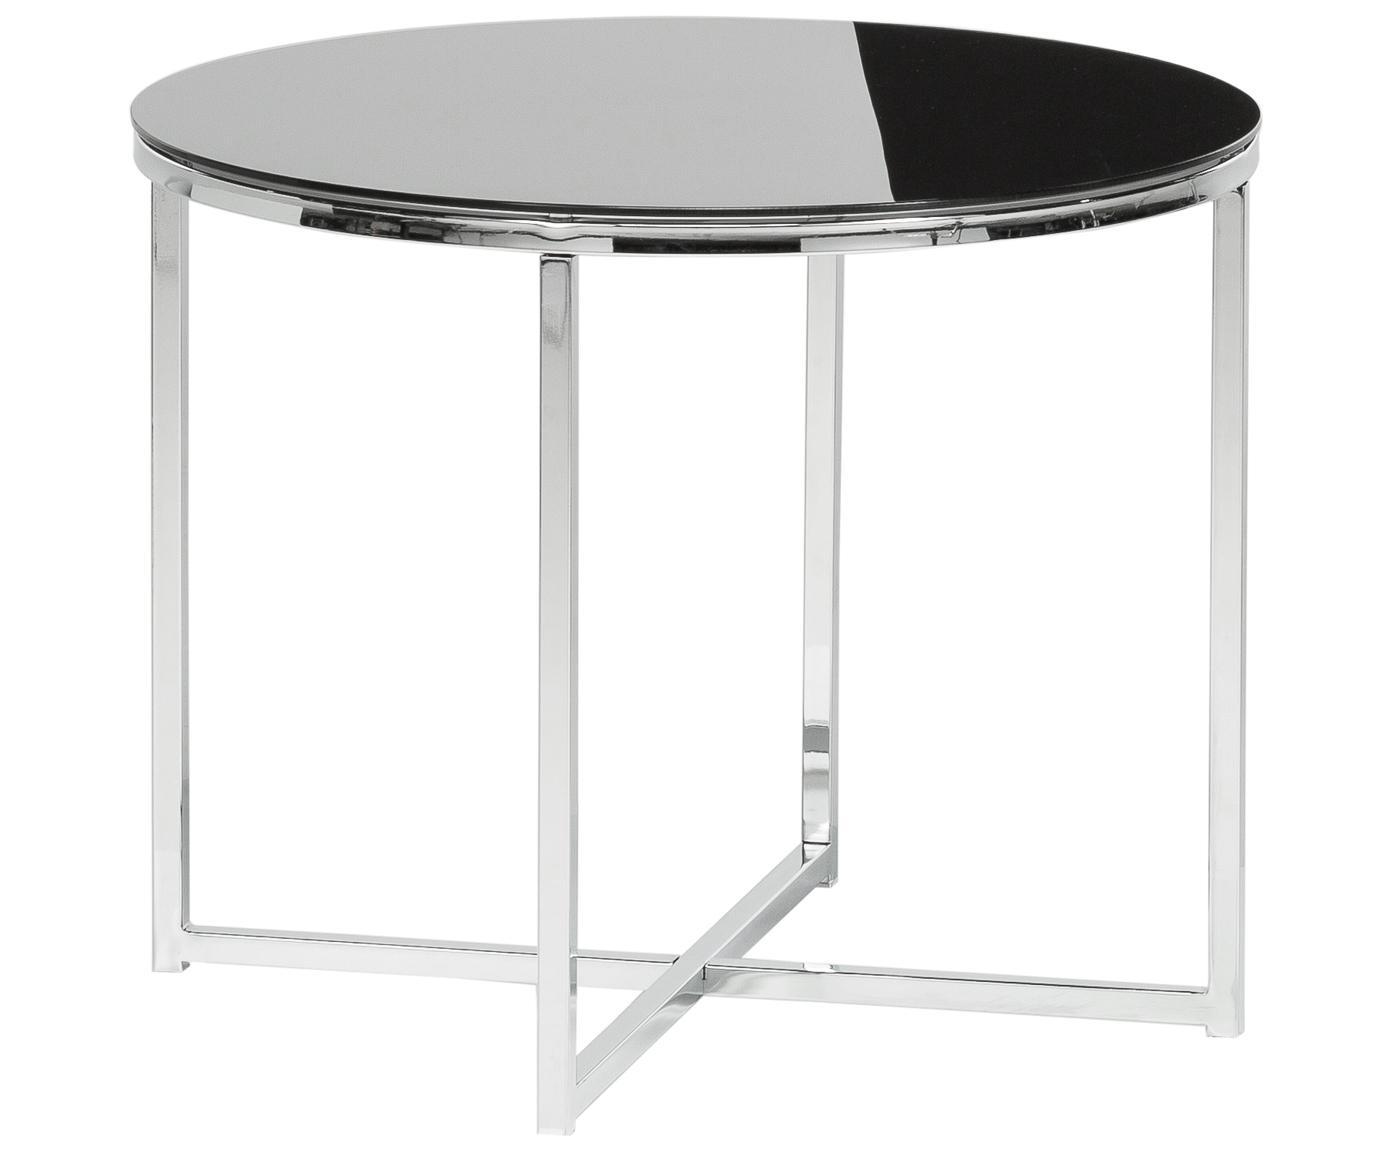 Beistelltisch Cross mit schwarzer Glasplatte, Tischplatte: Glas, Schwarz, Silber, Ø 55 x H 45 cm